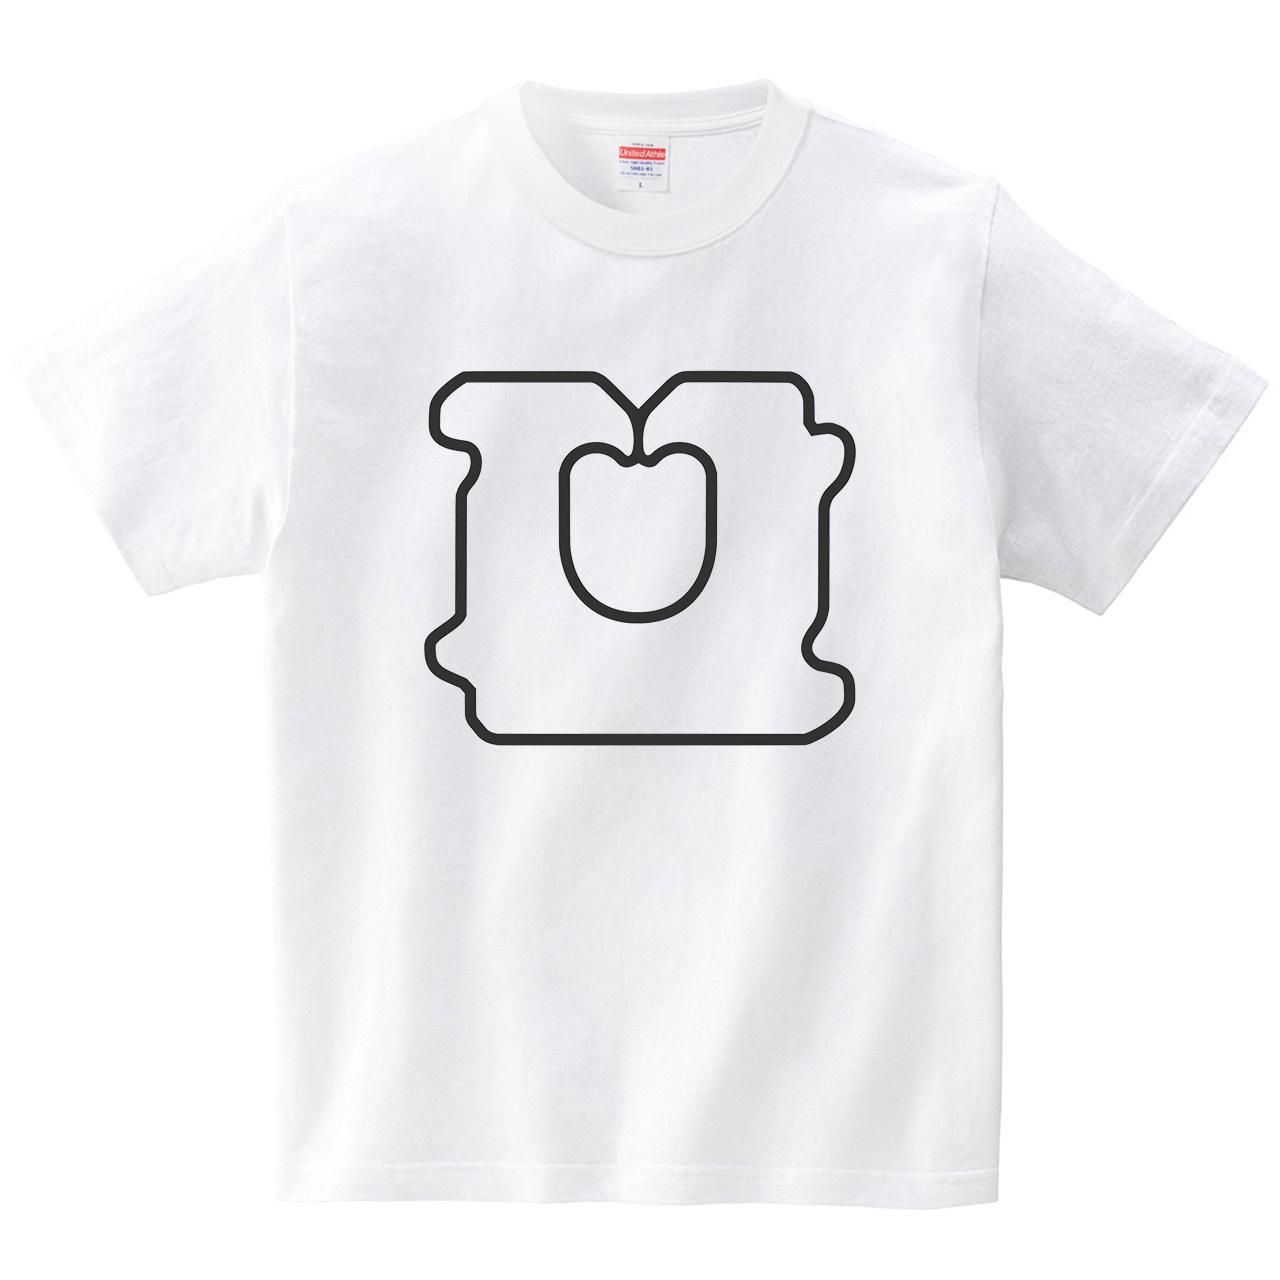 バッグクロージャー(Tシャツ・ホワイト)(犬田猫三郎)